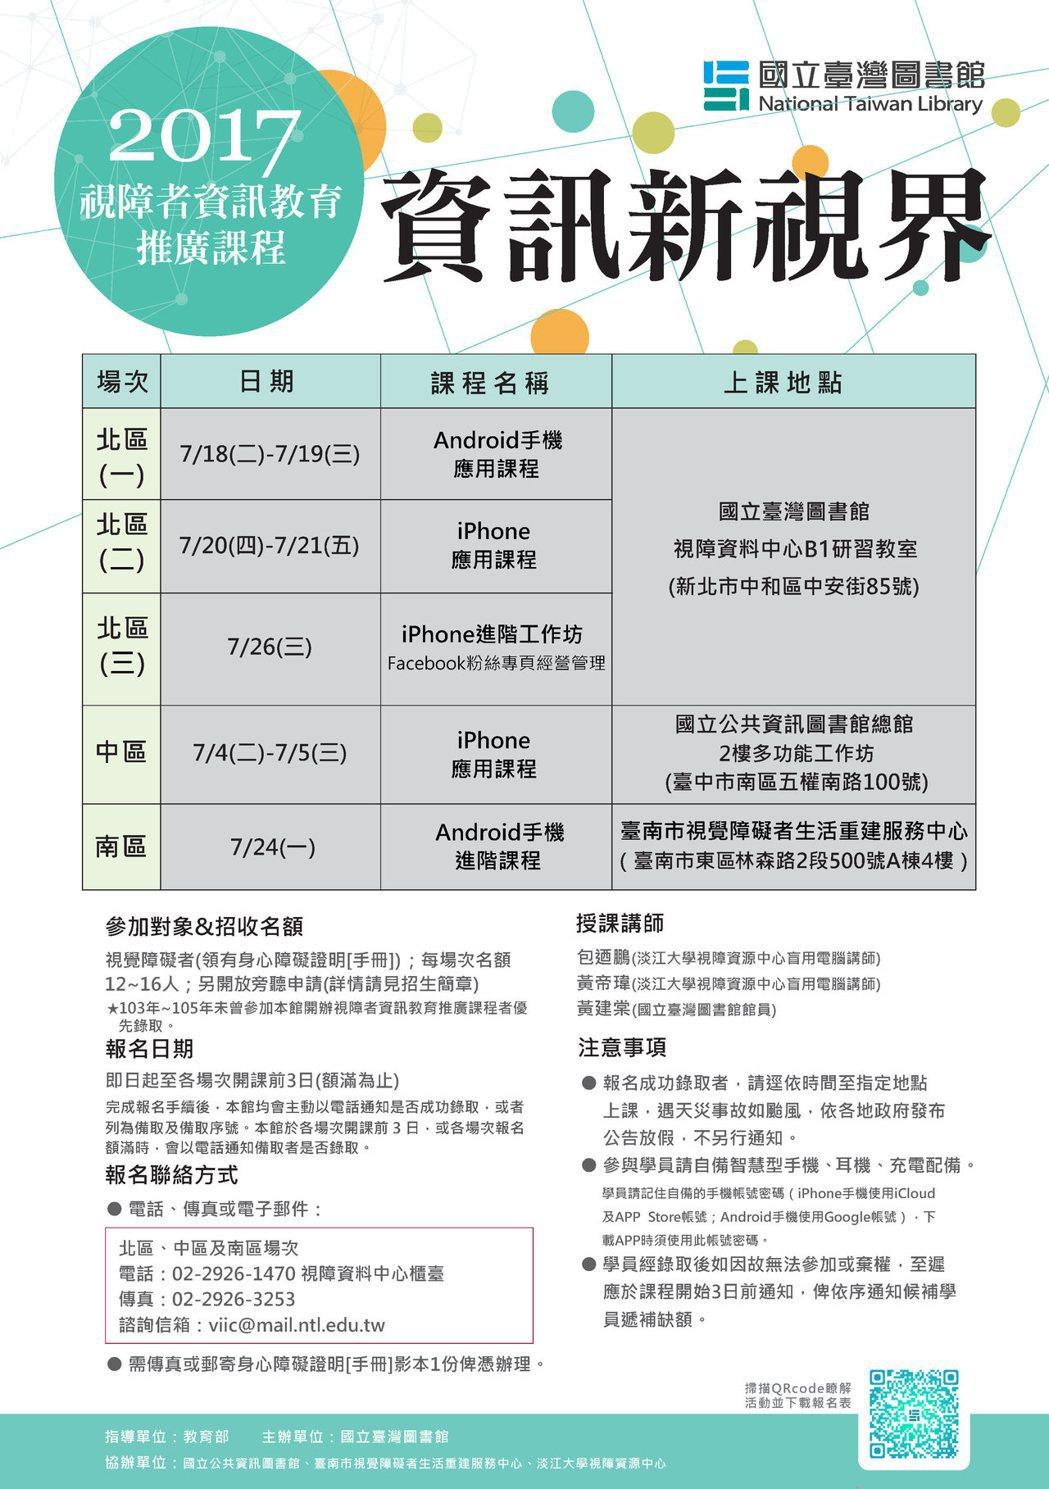 圖/國立臺灣圖書館提供